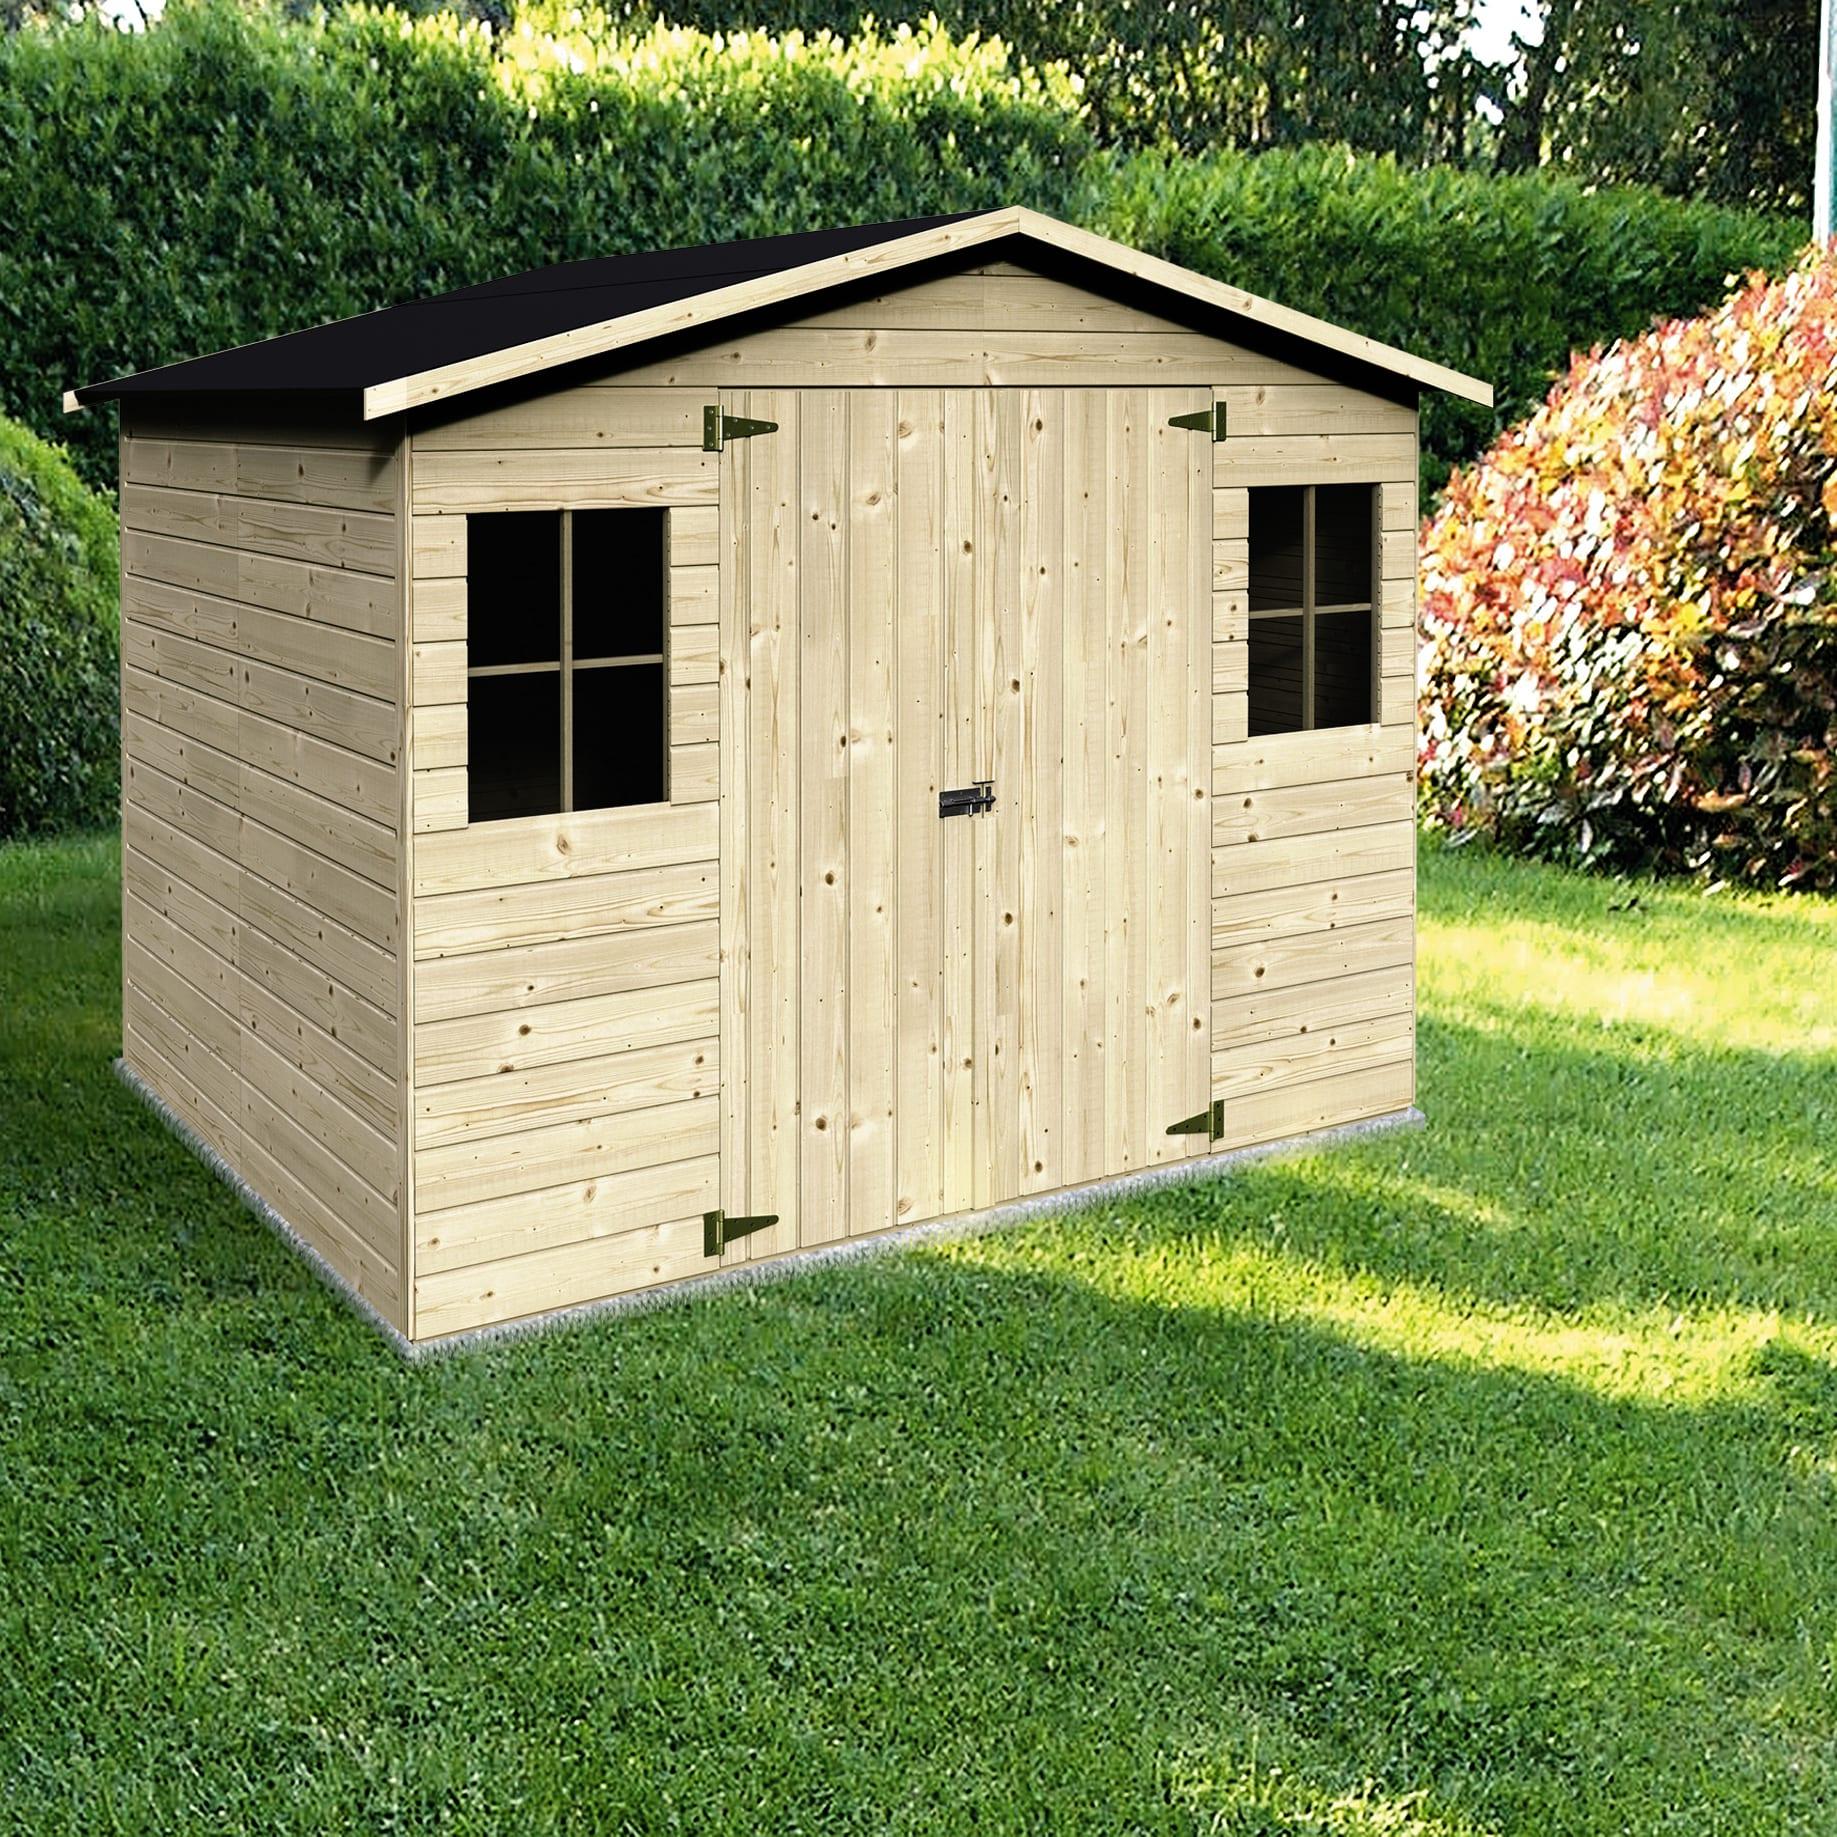 Casette In Legno Terrazzo Permessi casetta da giardino in legno bouganvillea, superficie